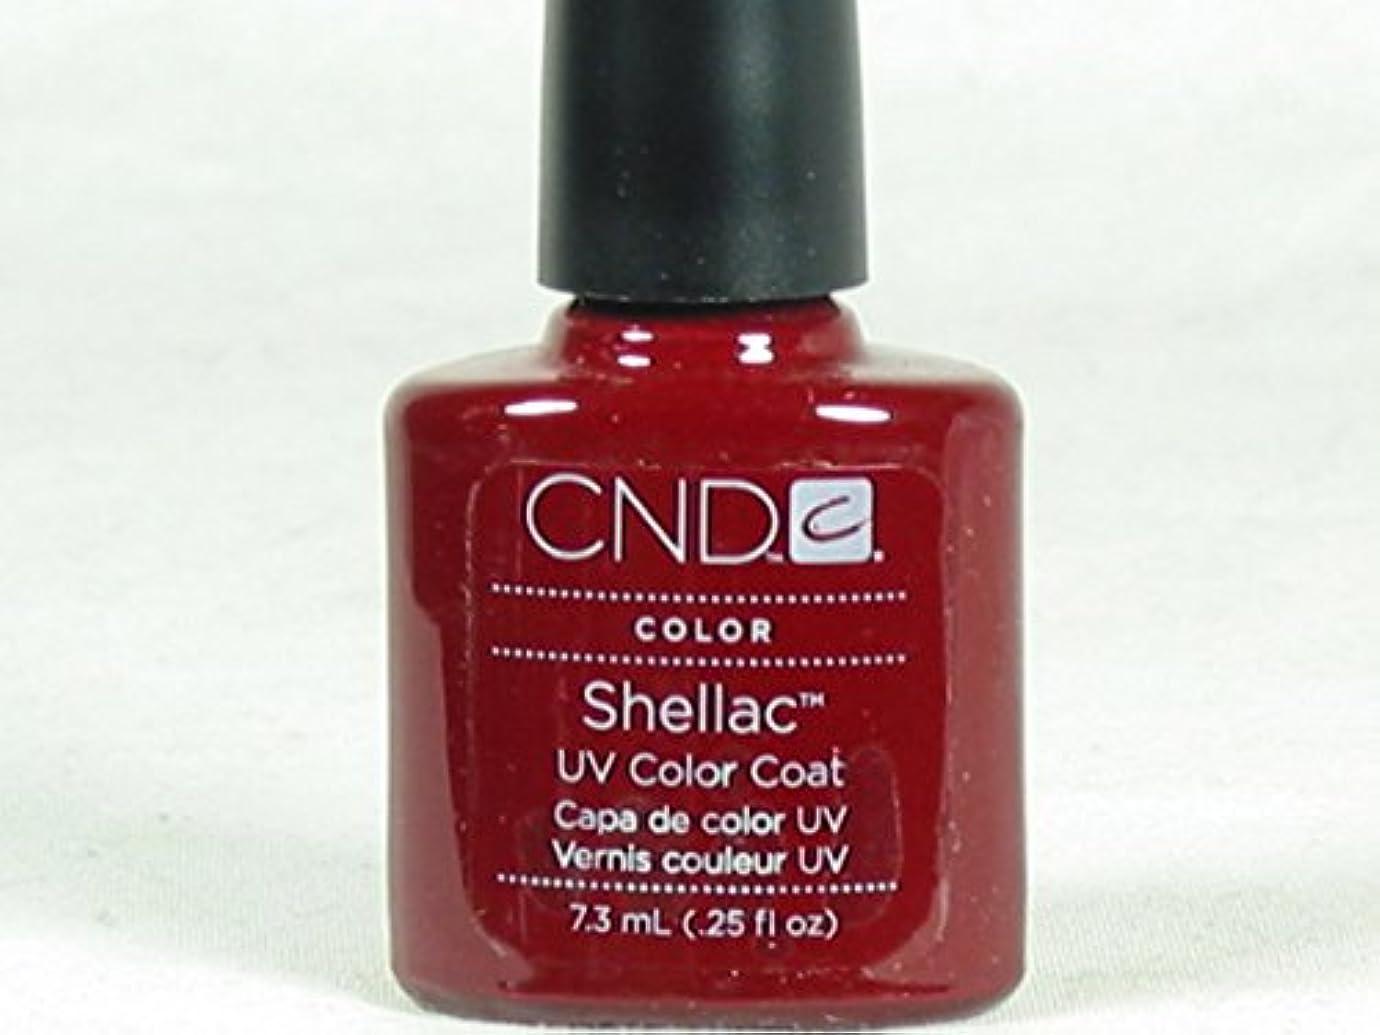 午後反応する価値CND シェラック UVカラーコート 525 7.3ml